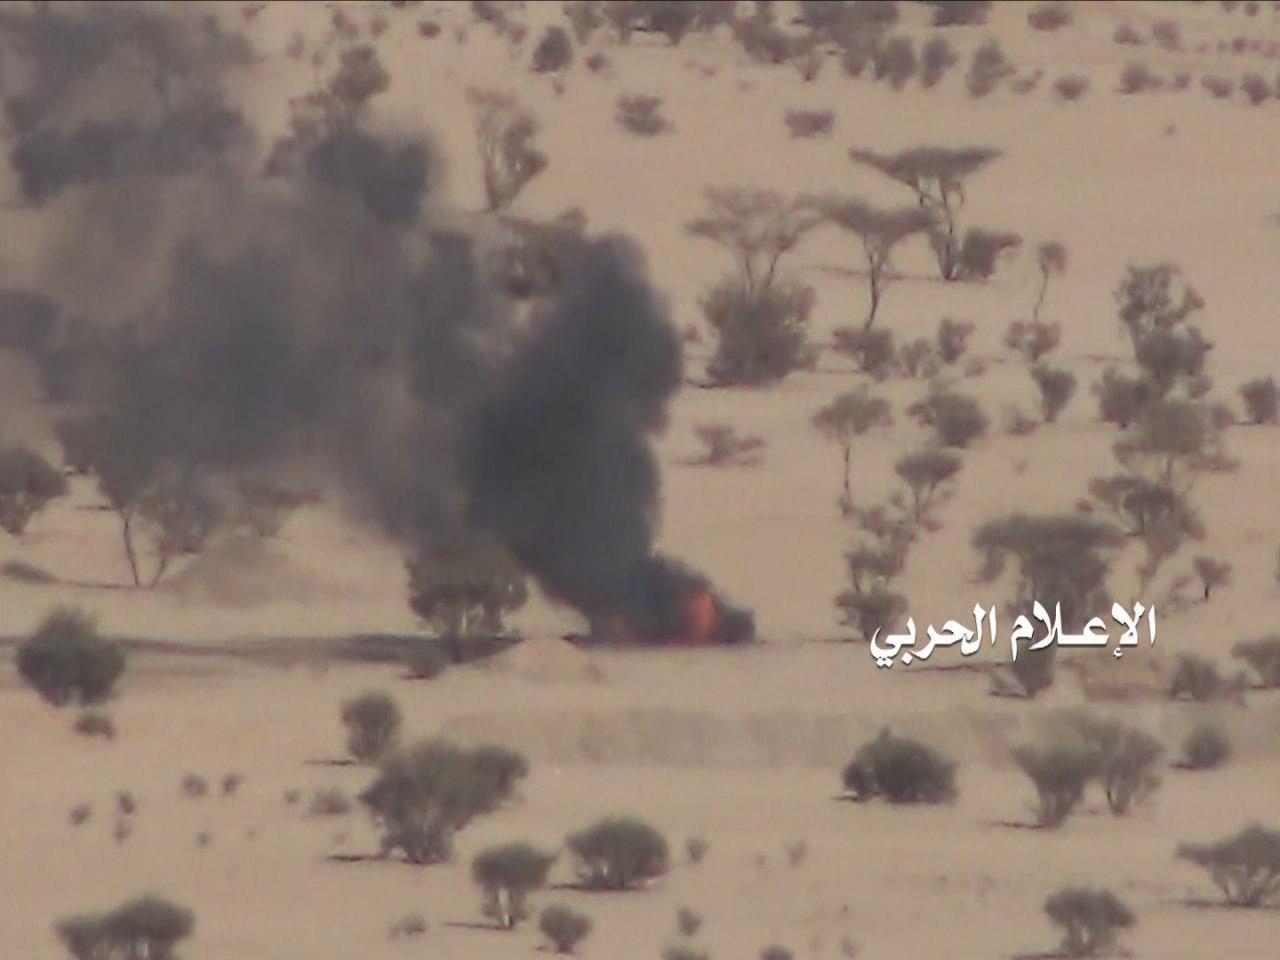 """Photo of قوات """"الإنقاذ"""" تشن هجوماً في الجوف وتوقع قوات التحالف في كمين أدى لتدمير 8 مدرعات"""